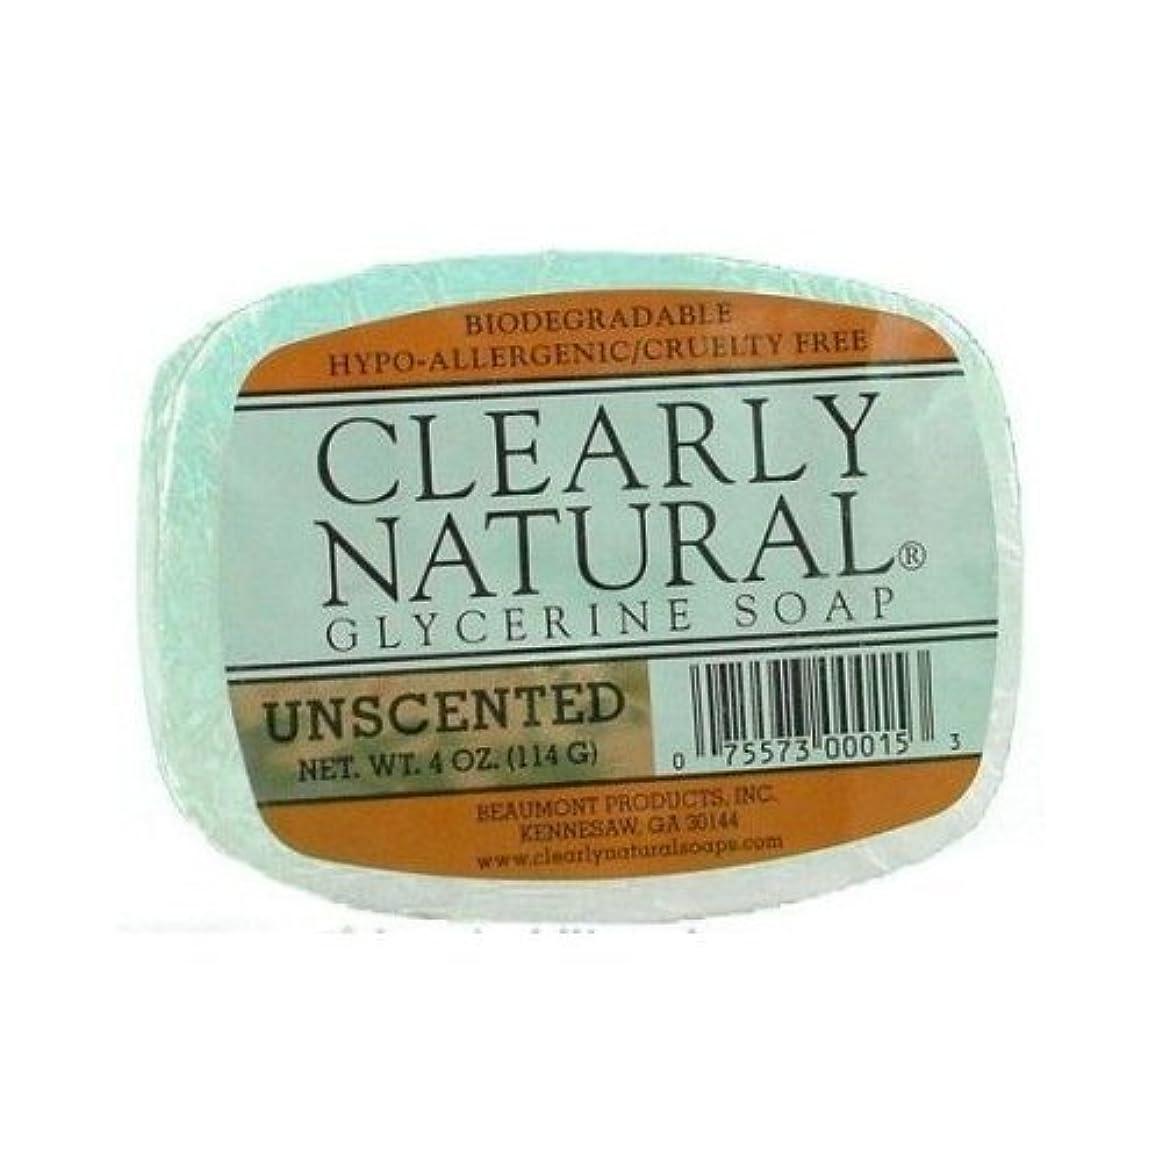 メモジョージバーナード憧れTrewax 明らかに自然無香料グリセリン石鹸